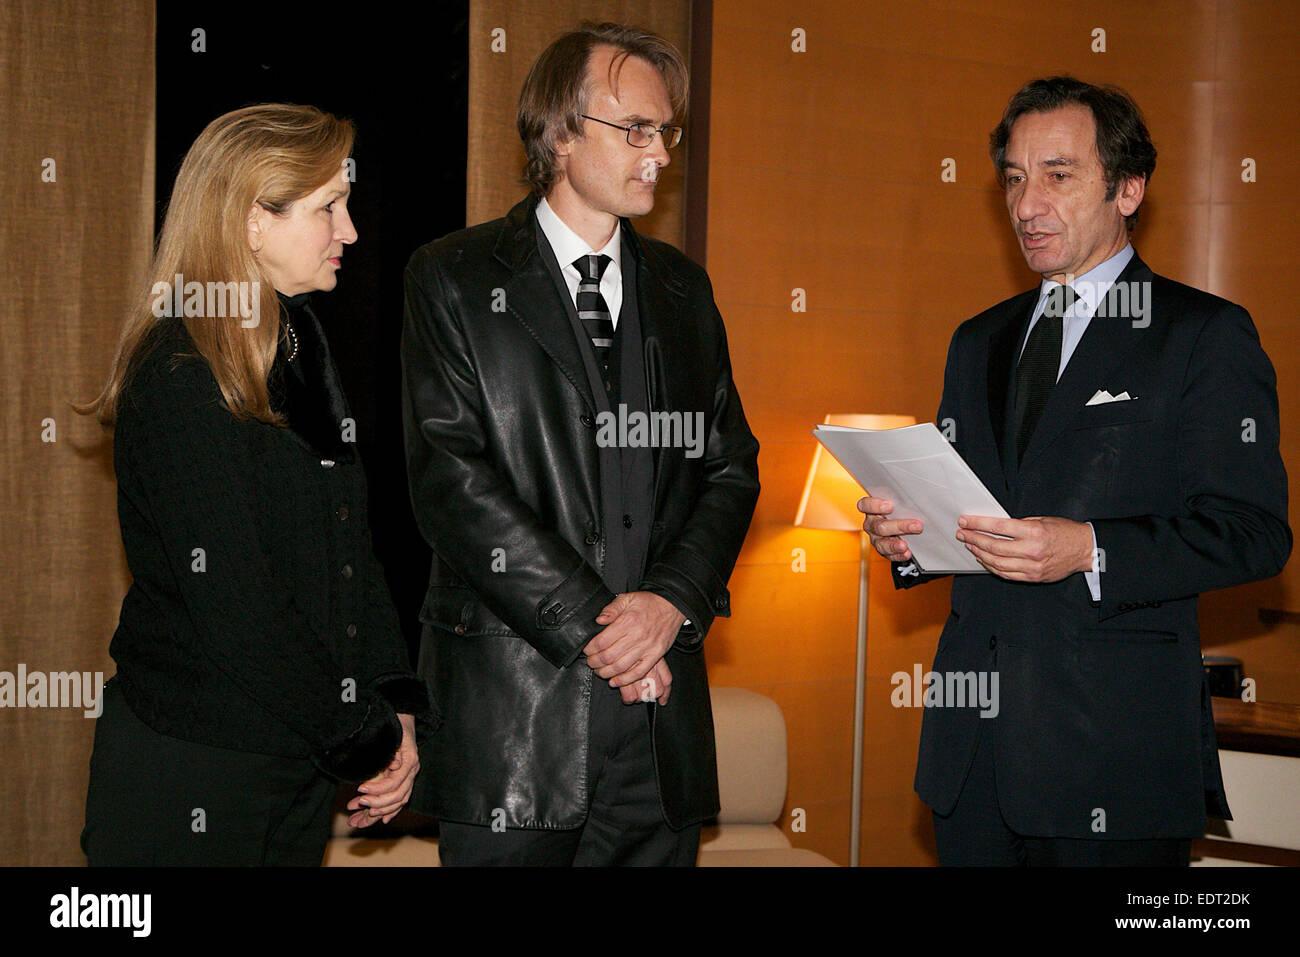 Tokio, Japan. 9. Januar 2015. (L, R) Lucy Birmingham, Richard Lloyd Parry, Thierry Dana, französischer Botschafter Stockfoto